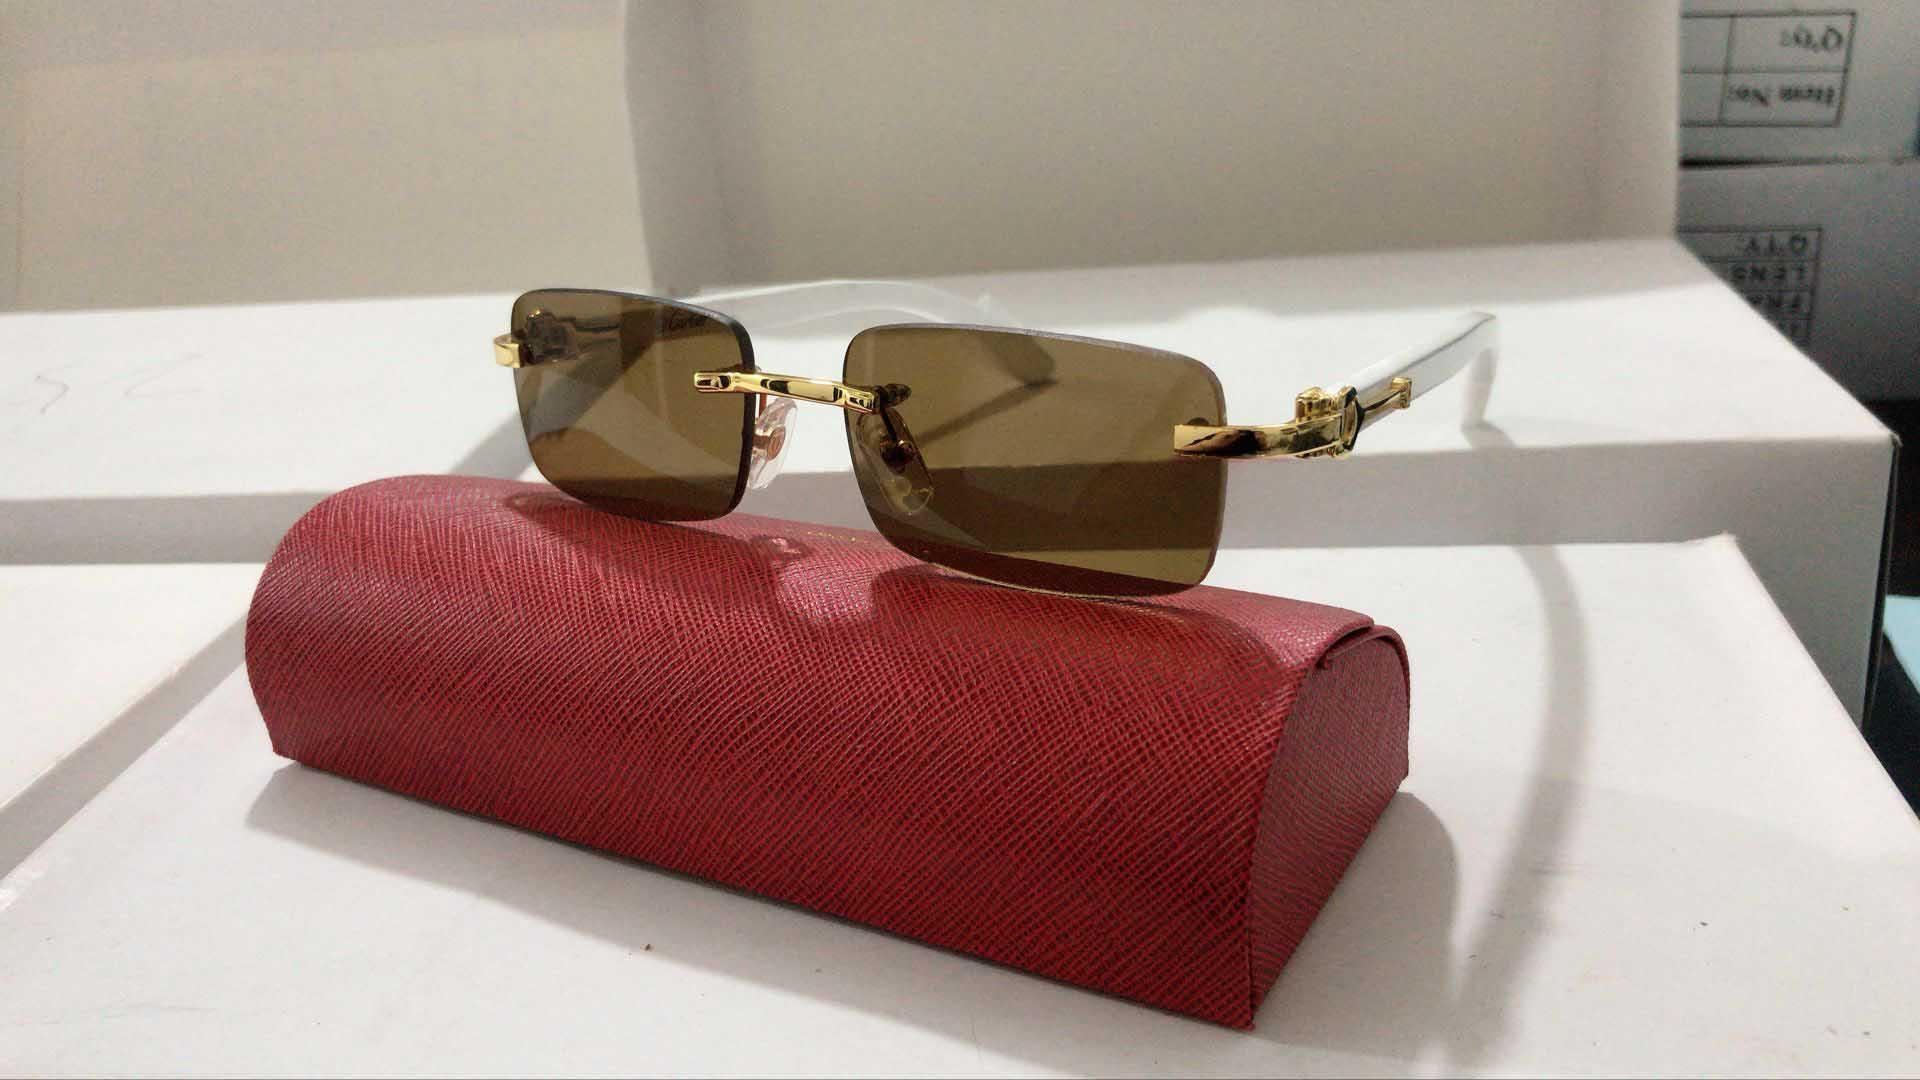 Al por mayor gafas de sol de las mujeres de los hombres sin rebordes de época de verano del ojo de gato del estilo de la marca del diseñador cuerno de búfalo Glasses Gafas populares